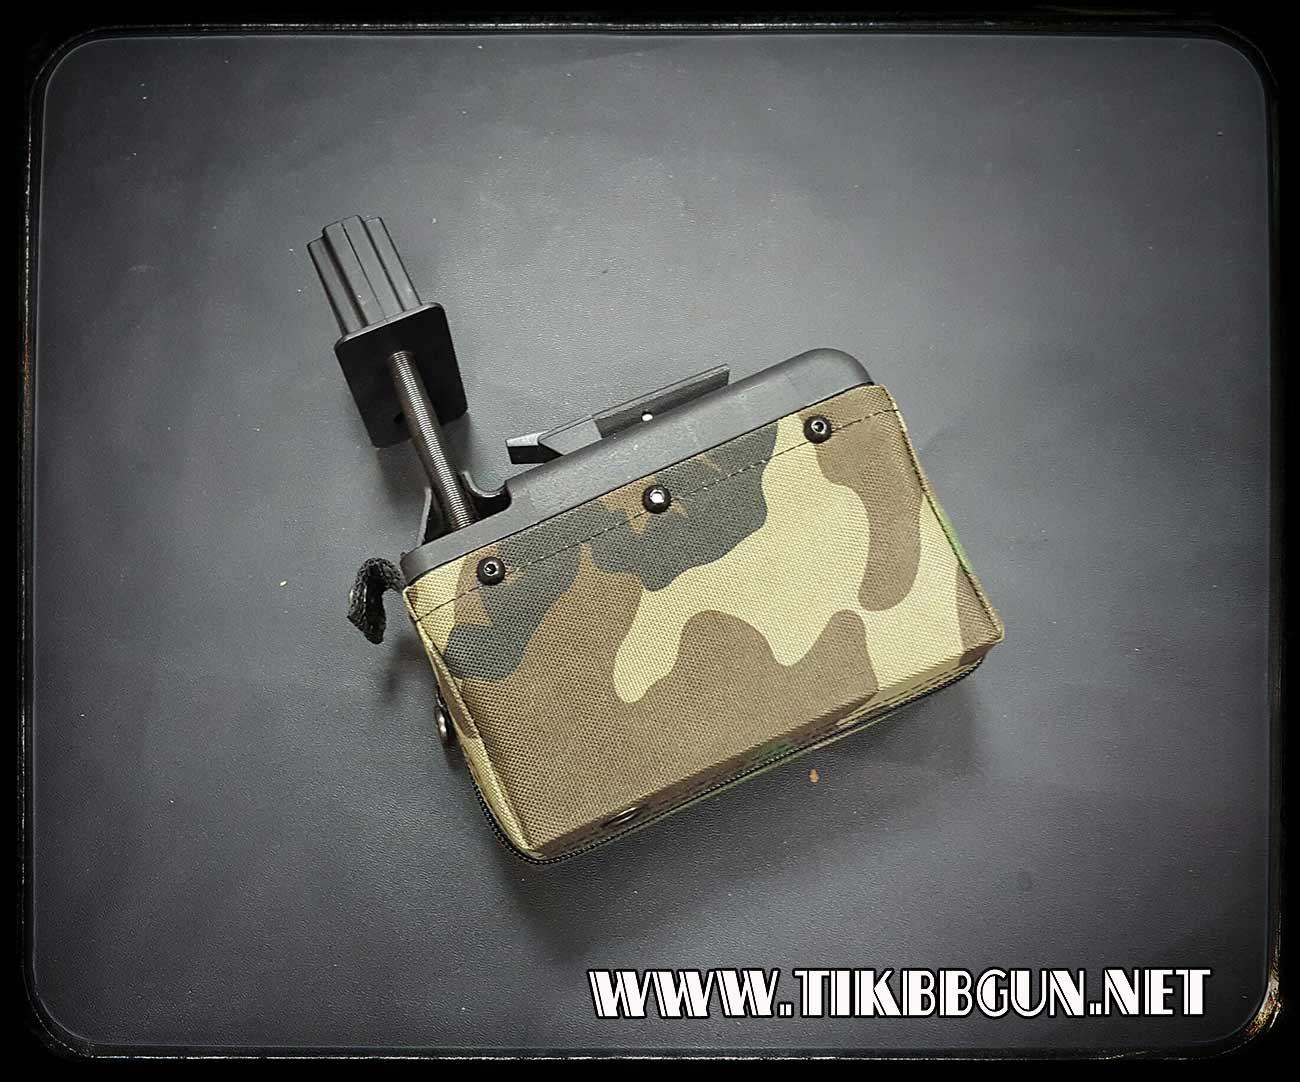 แม๊กหม้อแบบเล็กสำหรับปืนยาวตระกูลM249 แบบไฟฟ้า